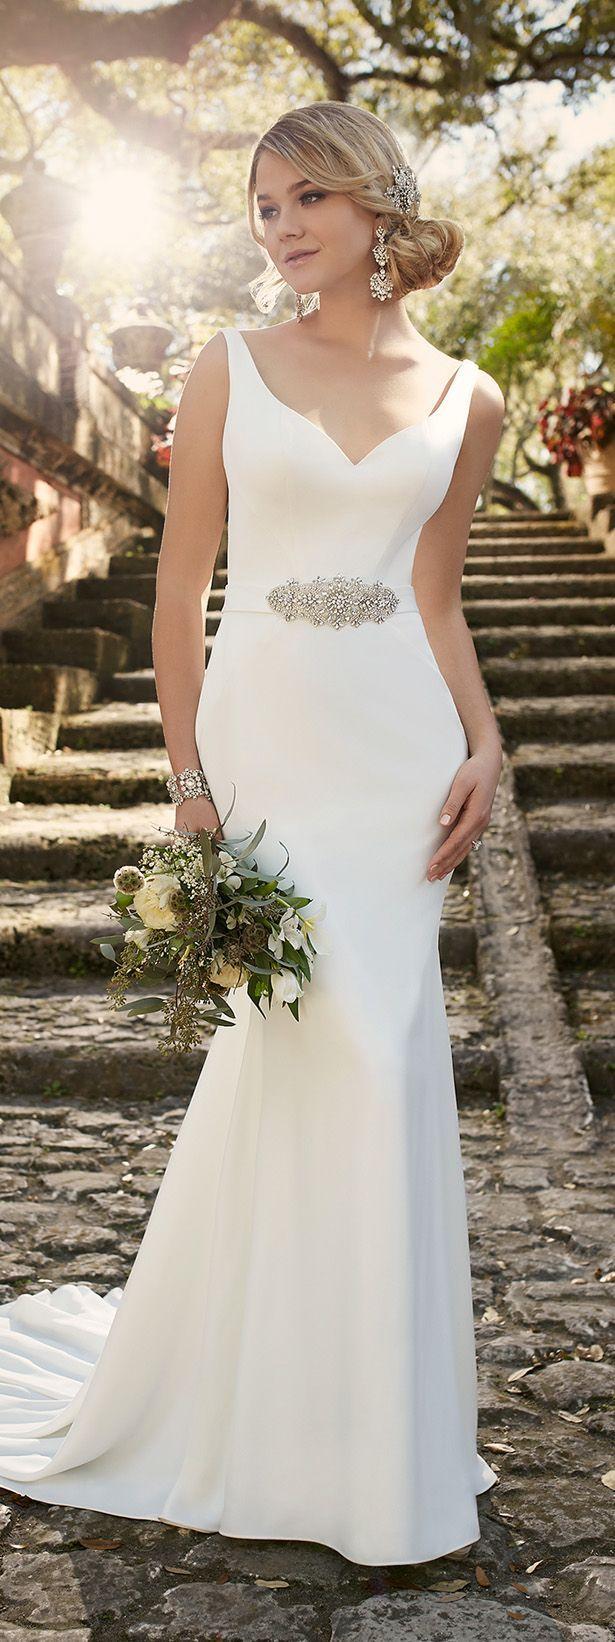 best hochzeitskleider images on pinterest wedding dressses